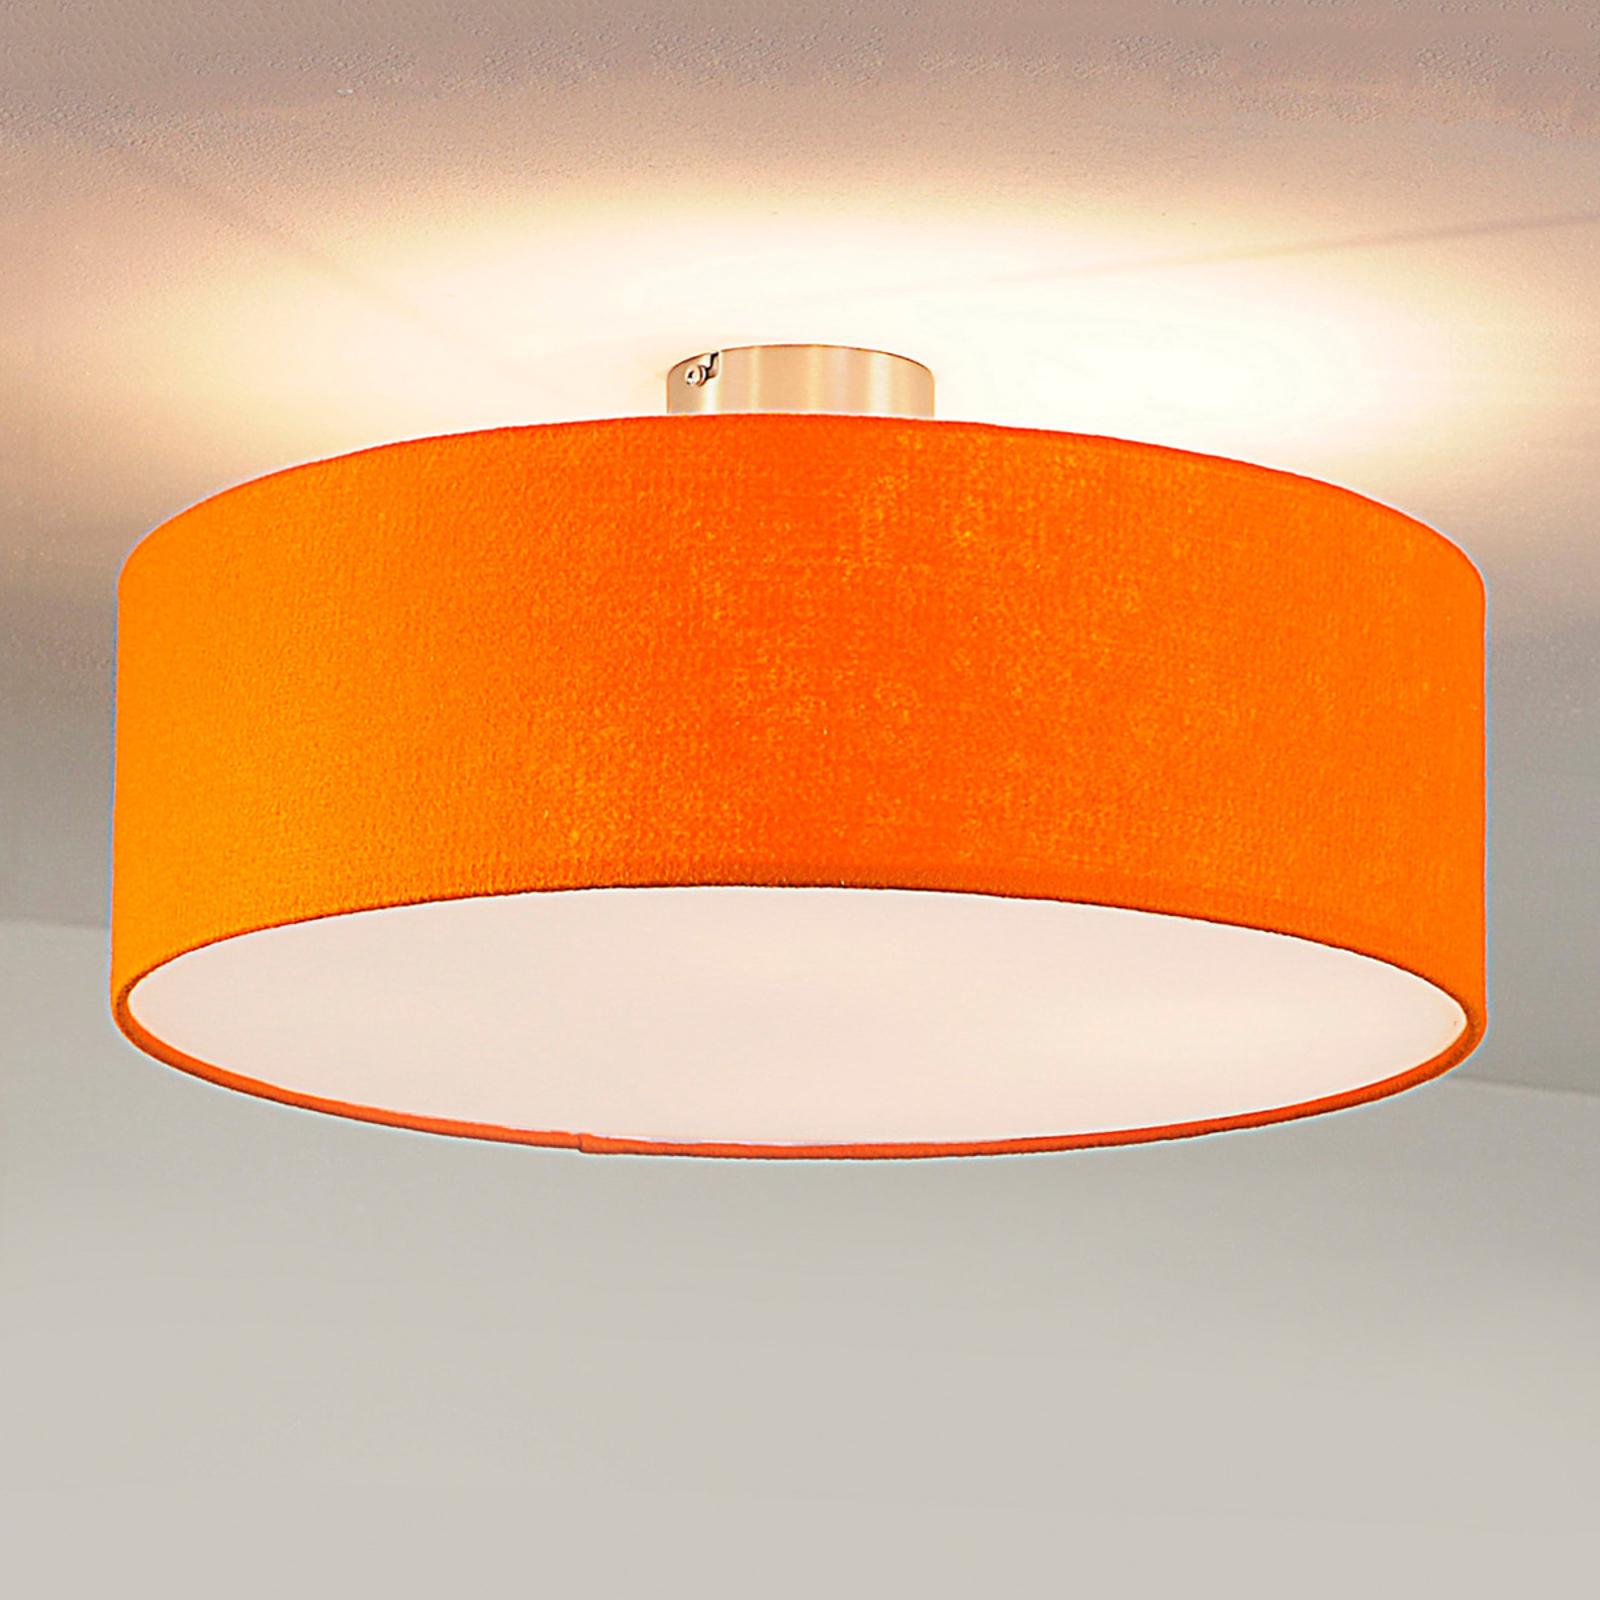 Gala-kattovalaisin, 50 cm, oranssi huopa